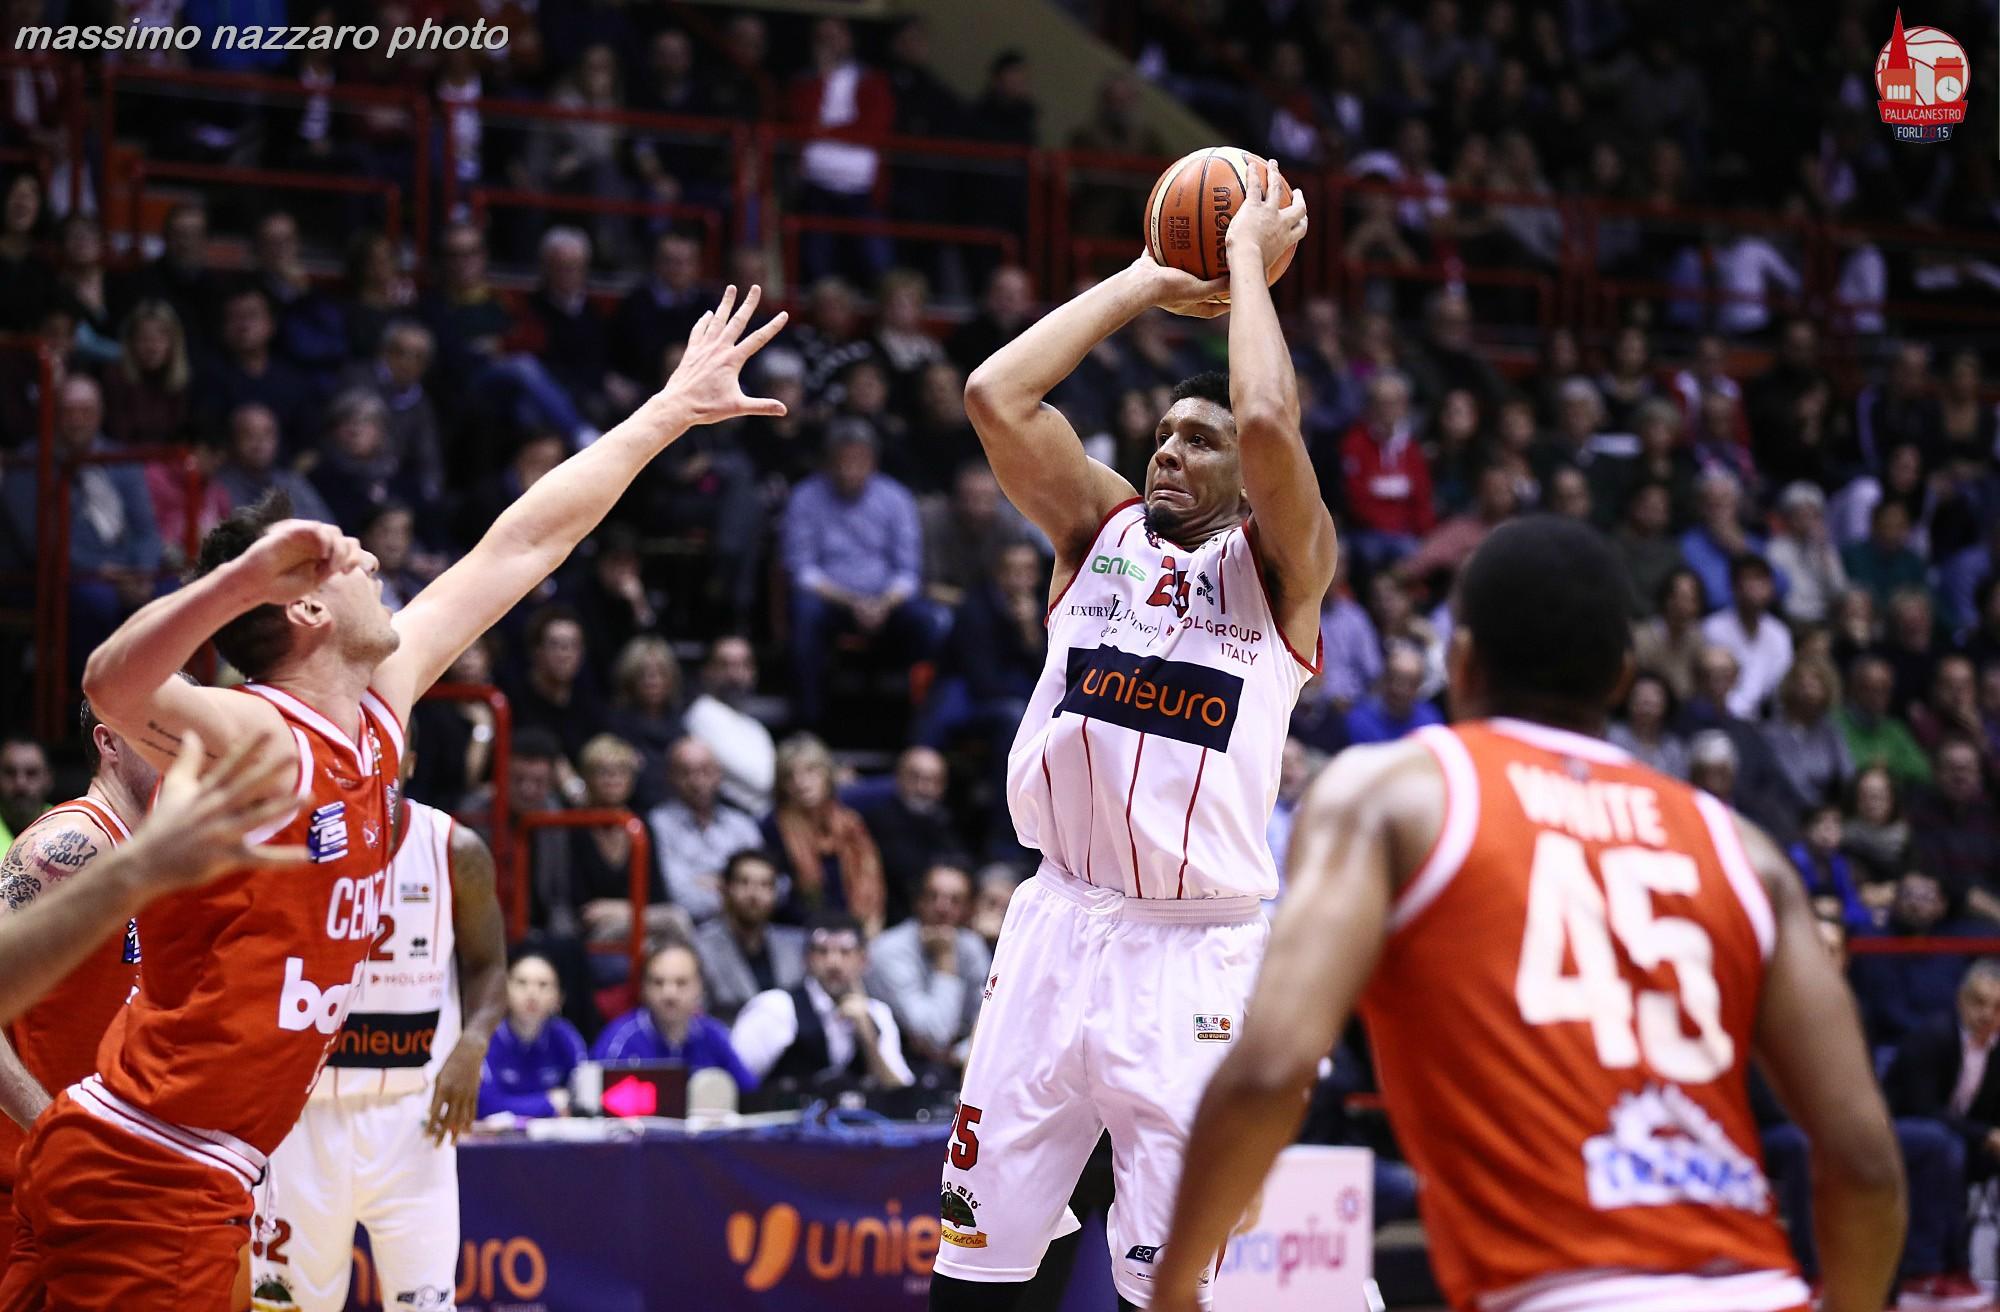 Lawson-basket-Unieuro-Forlì